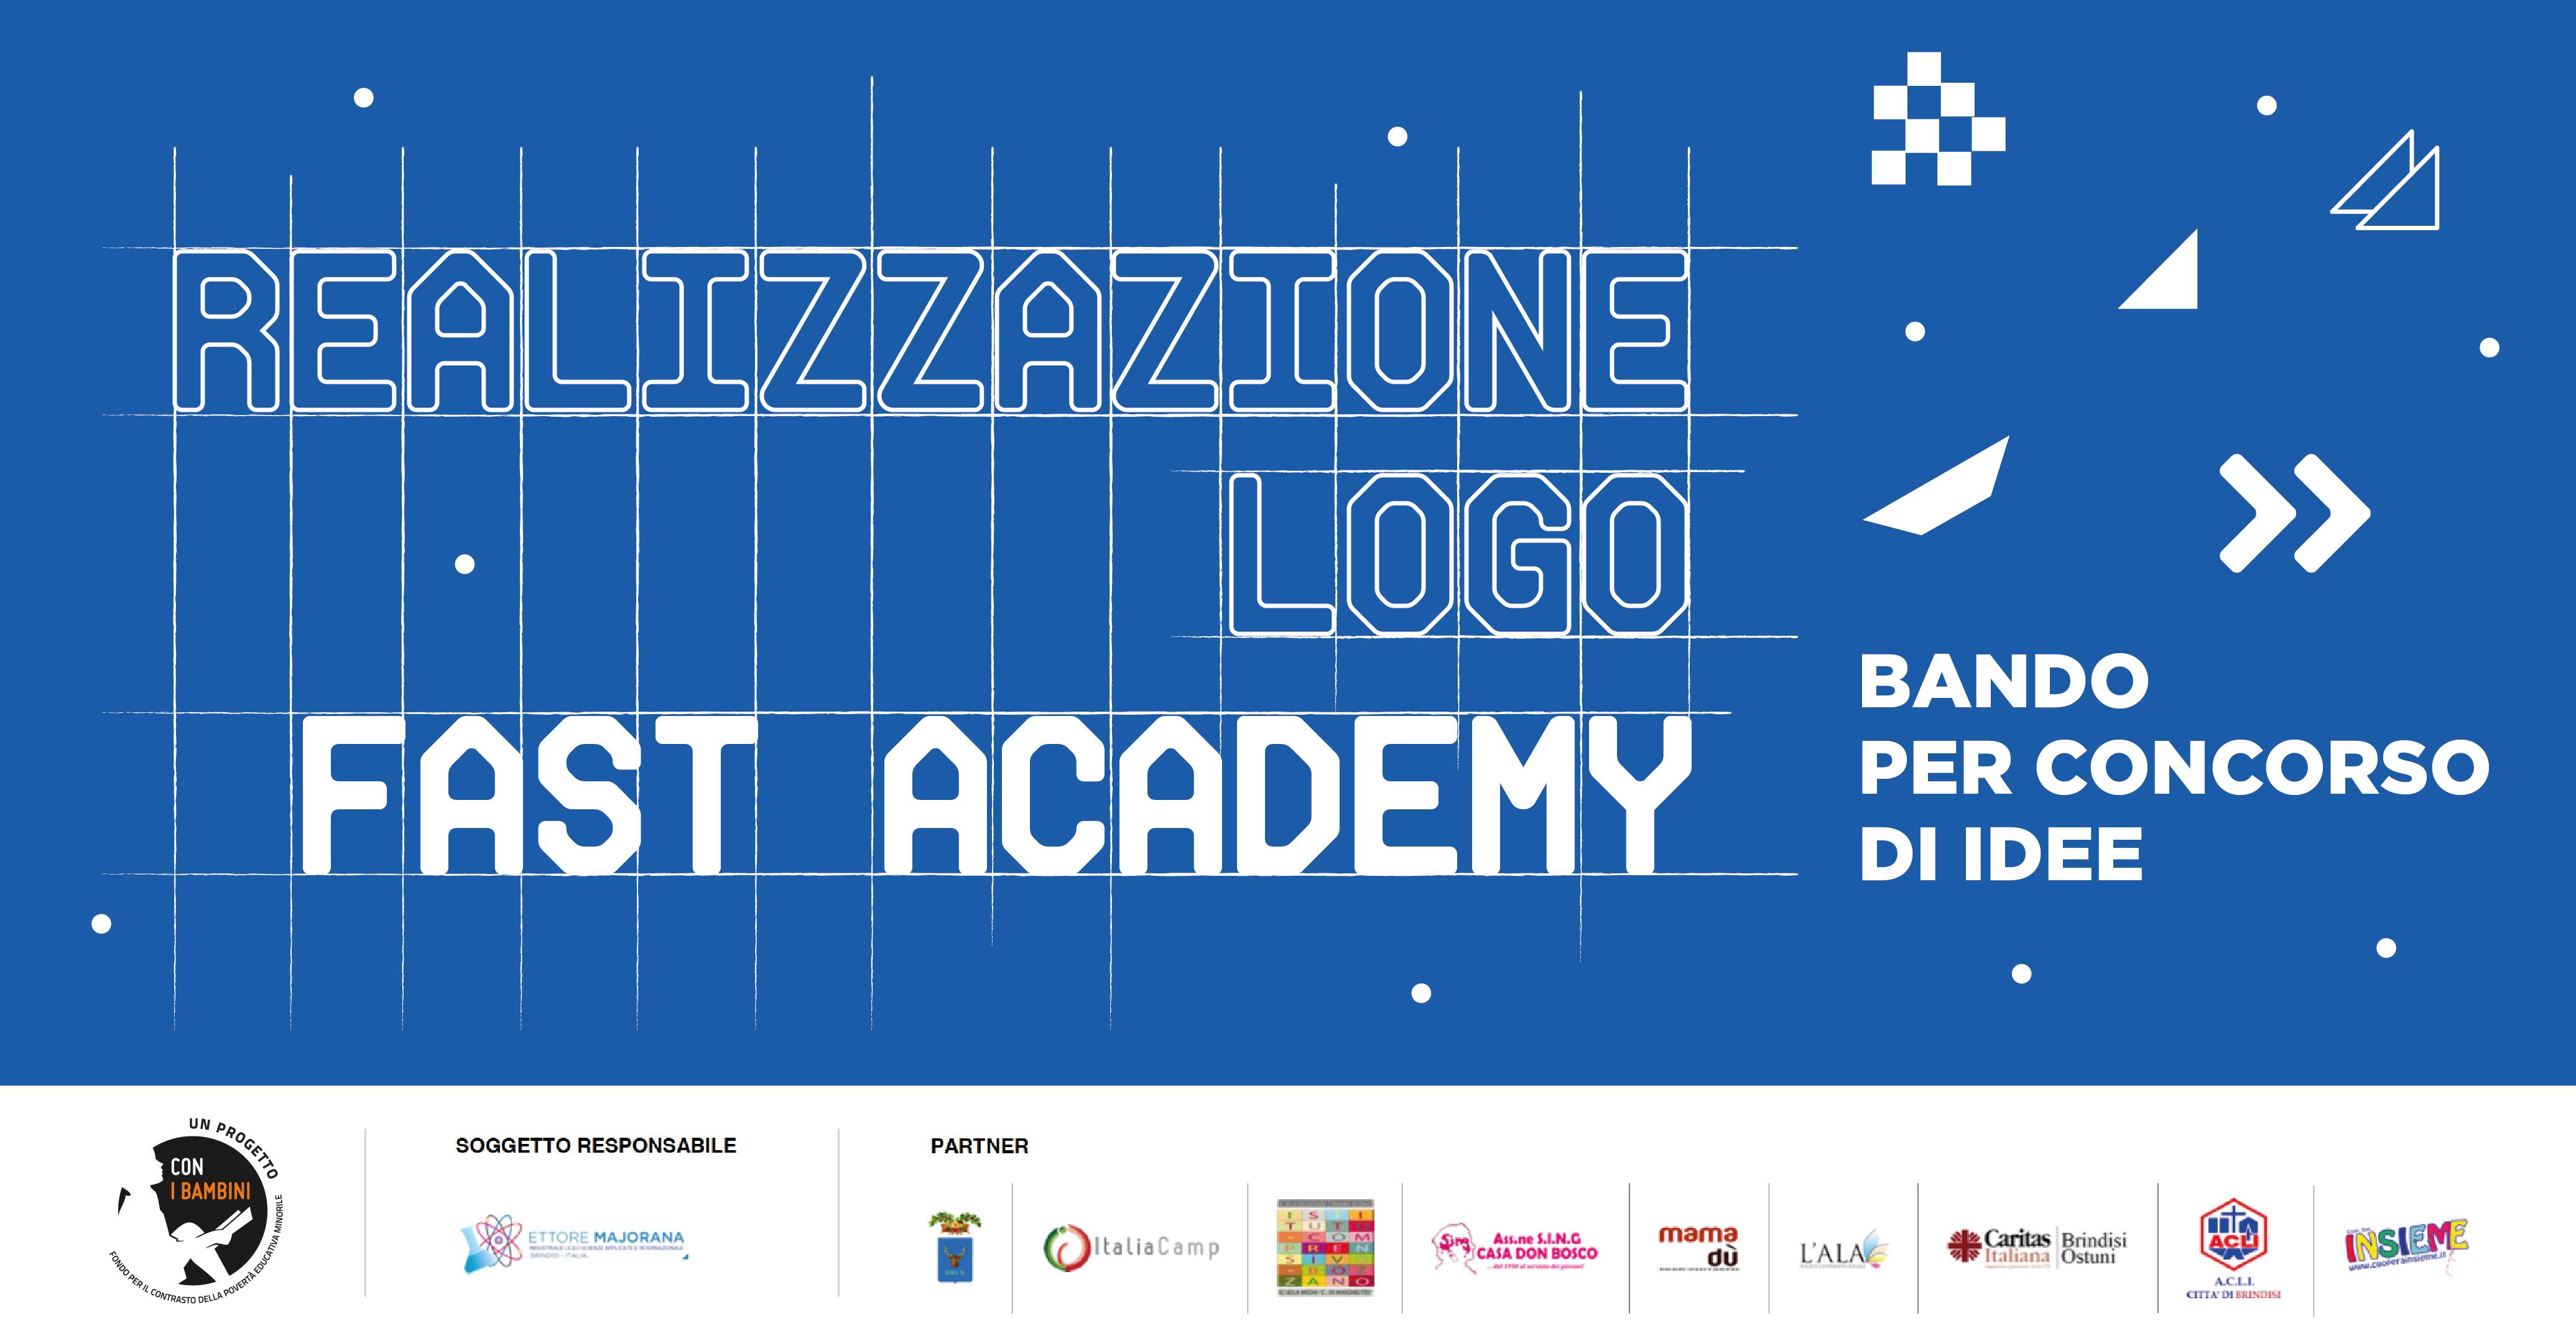 FAST Academy: on-line il bando per la realizzazione del logo